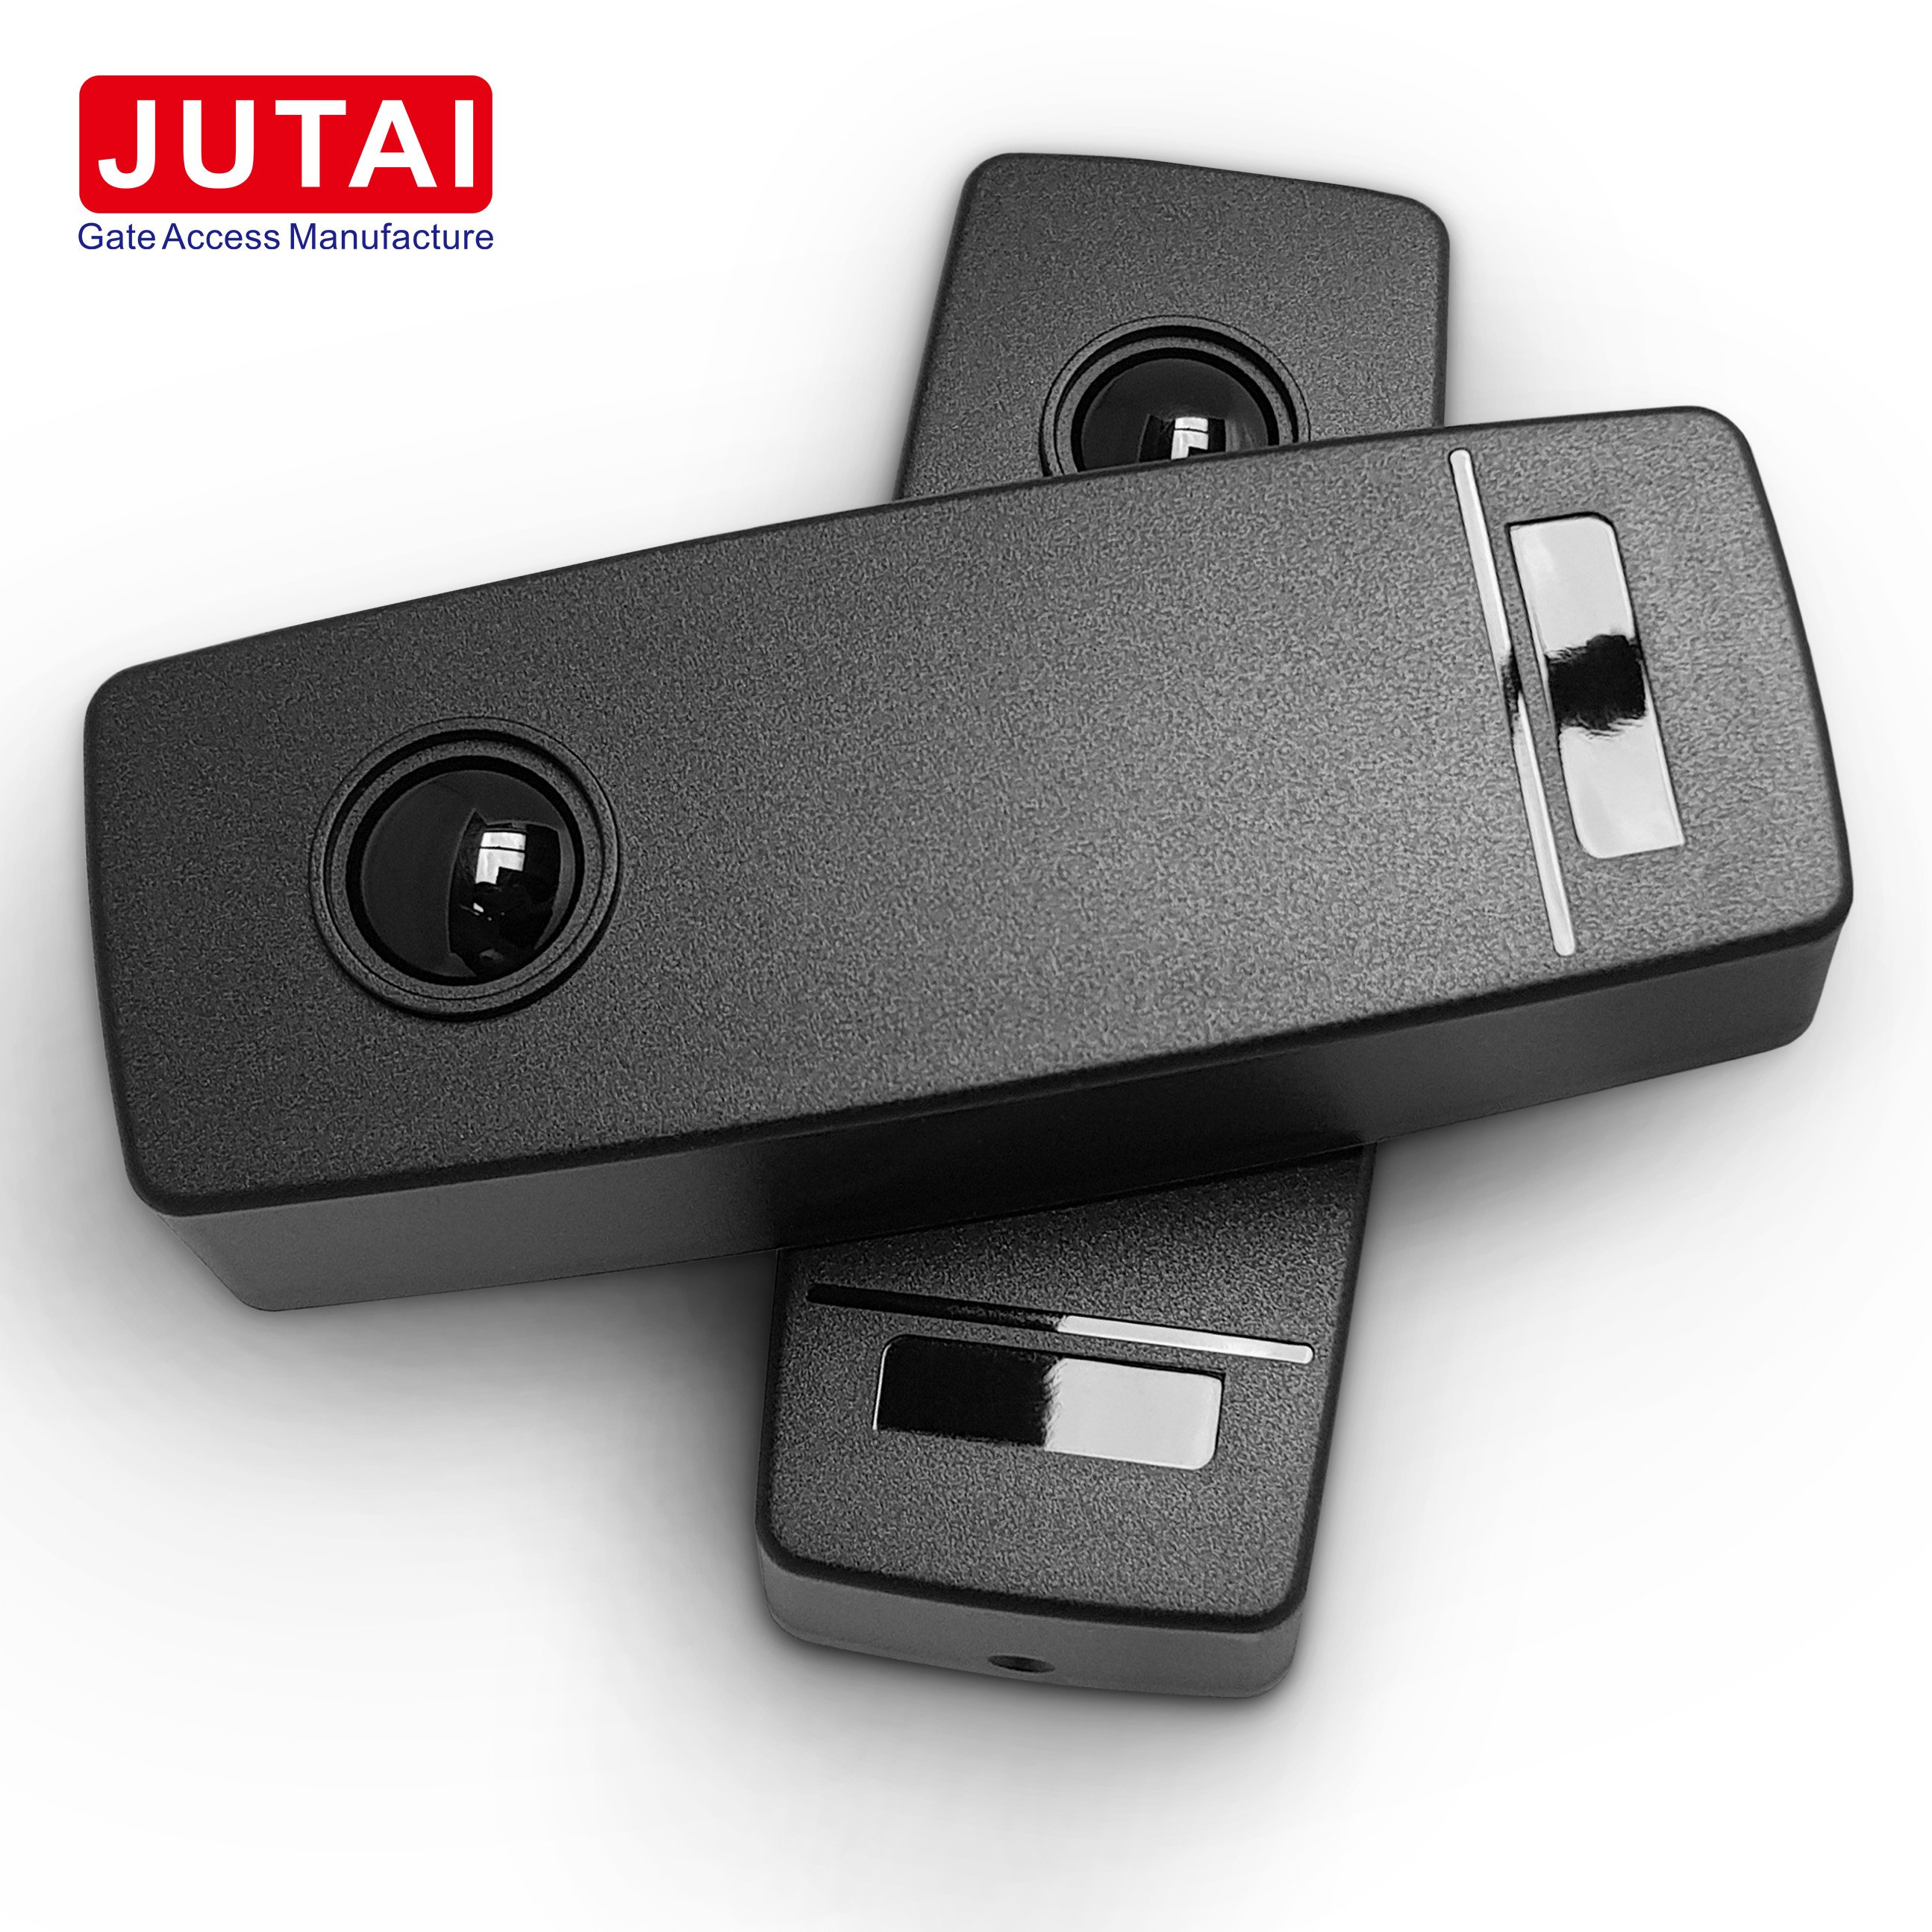 JUTAI WIS-30 Capteur de cellule photoélectrique de porte automatique